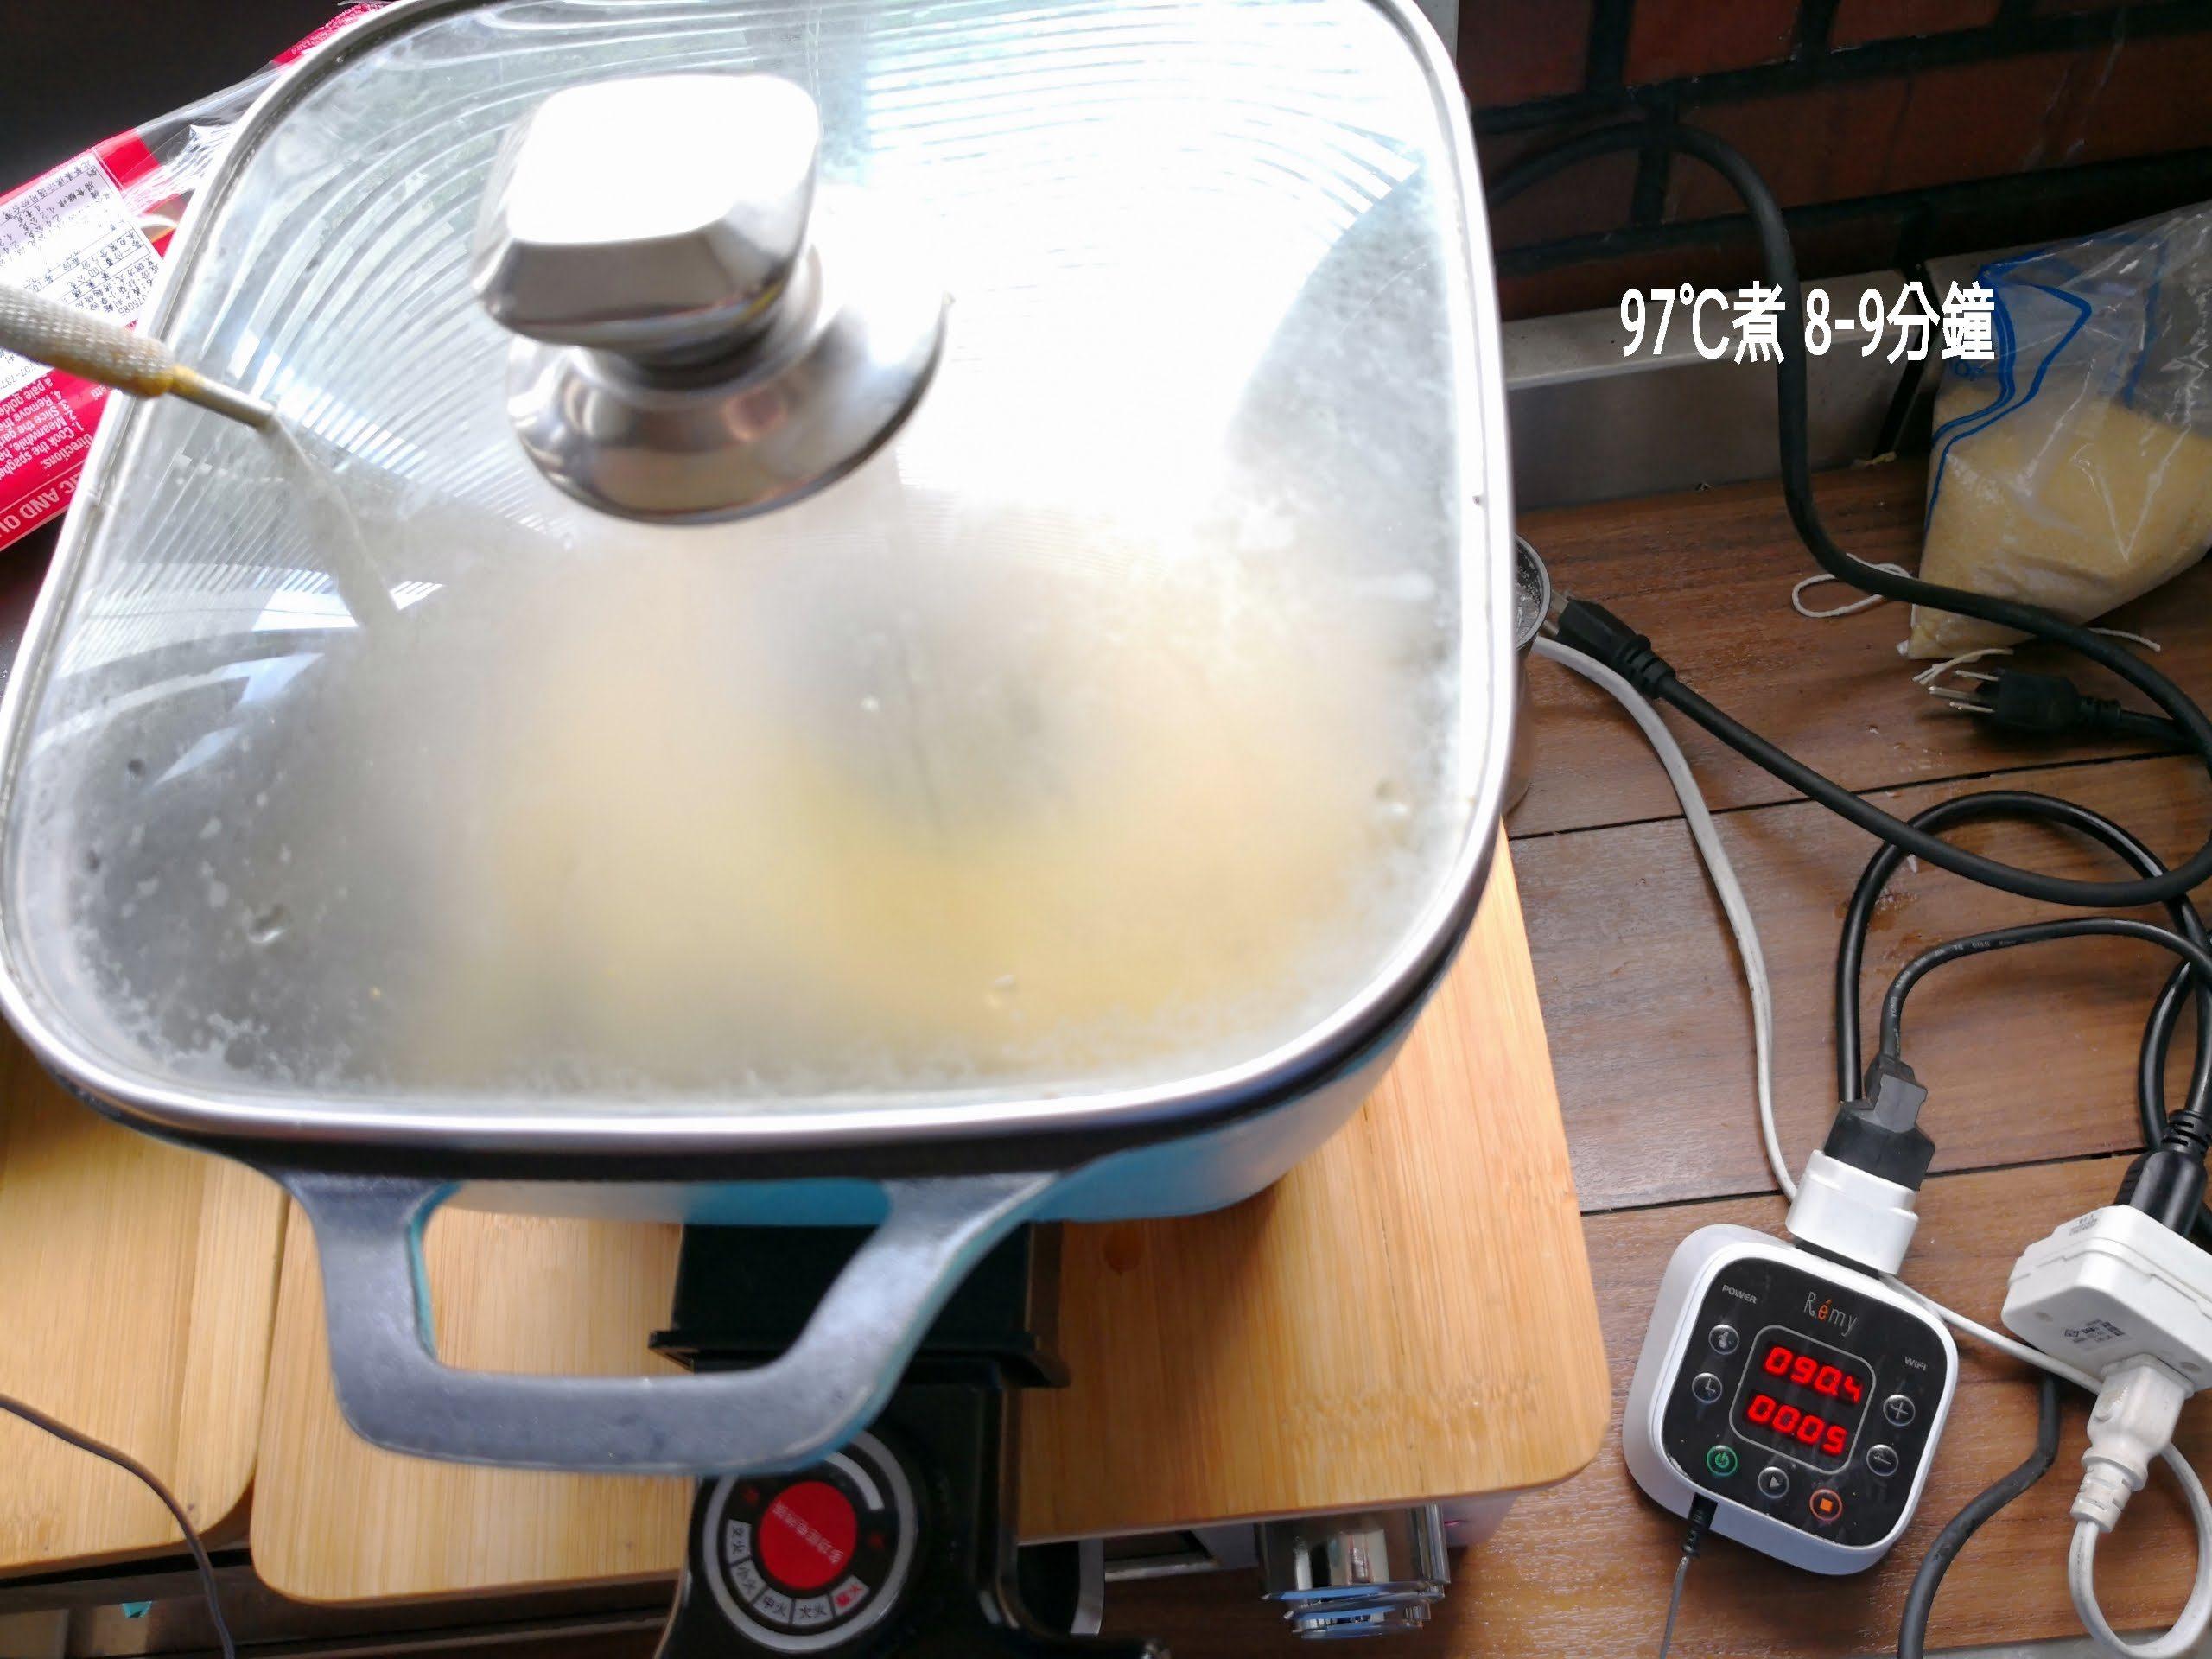 義大利麵煮幾分鐘